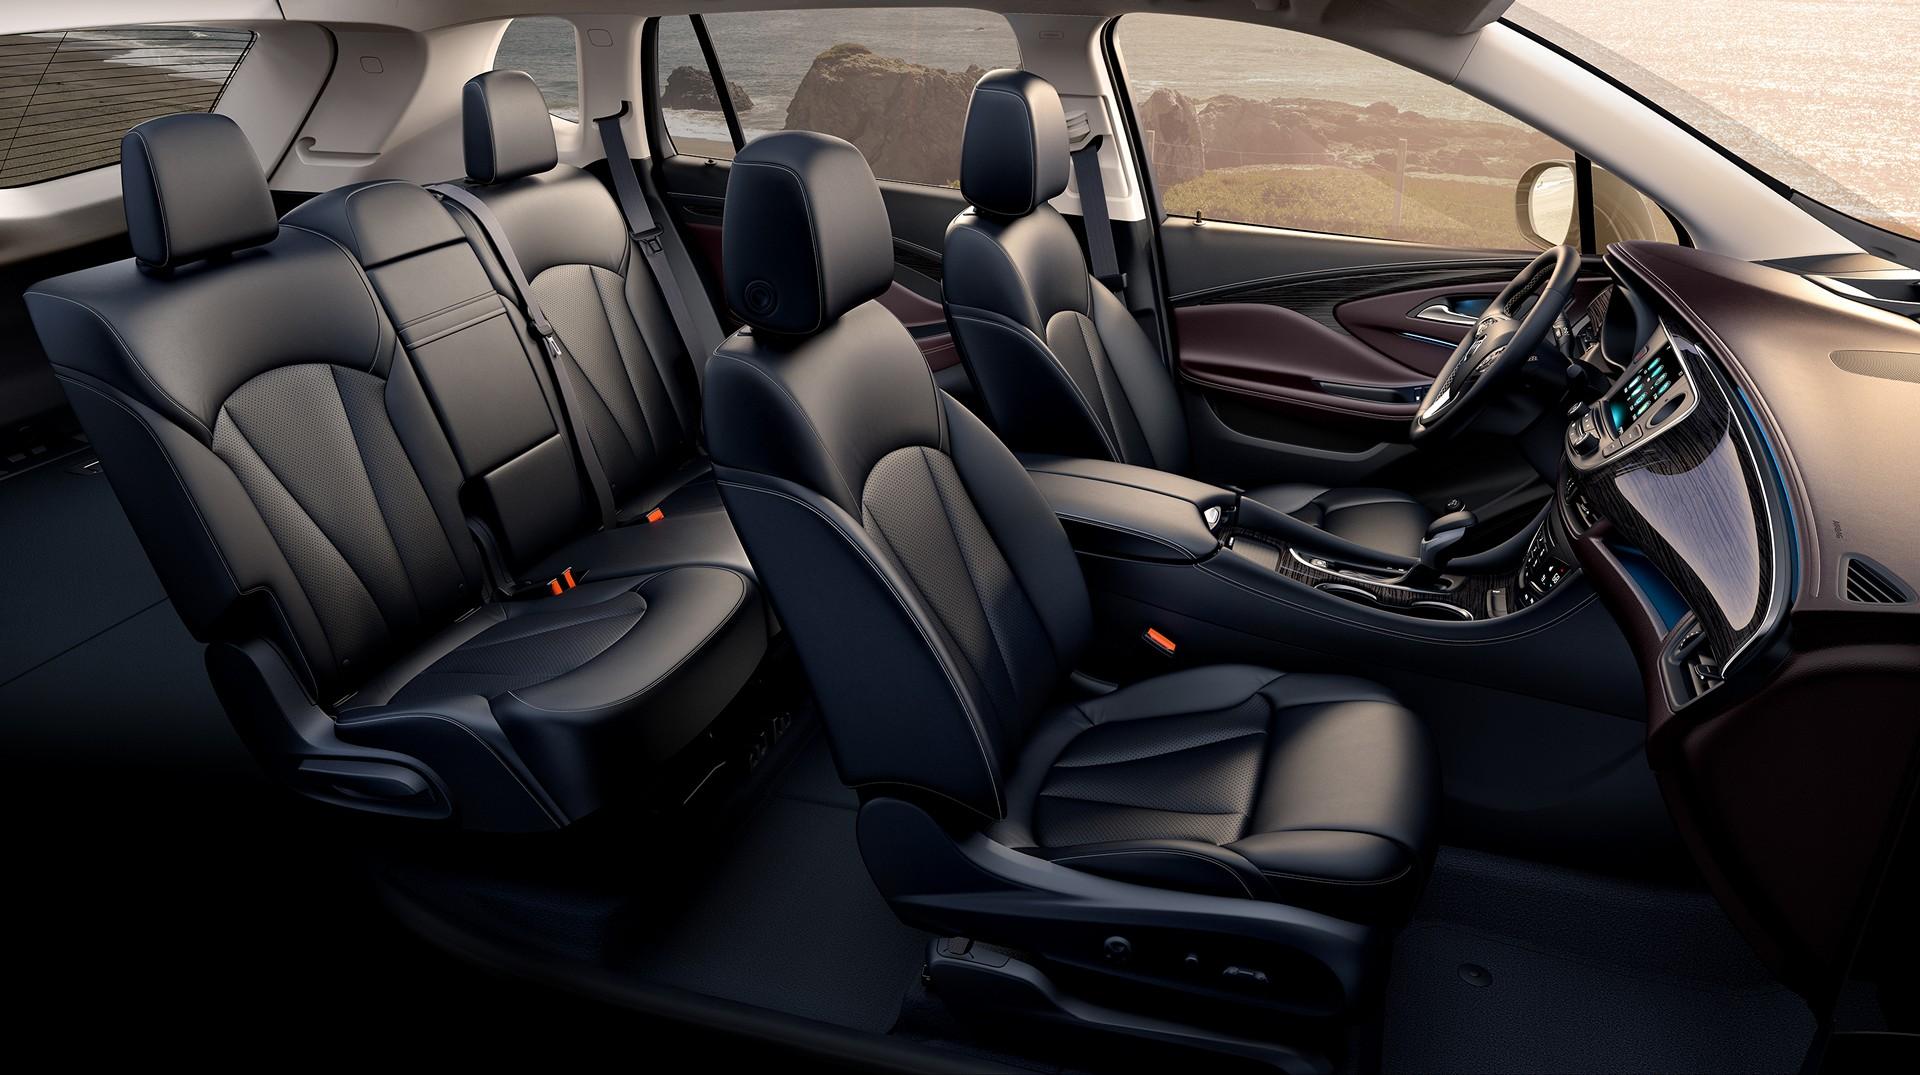 2016 Buick Envision © General Motors